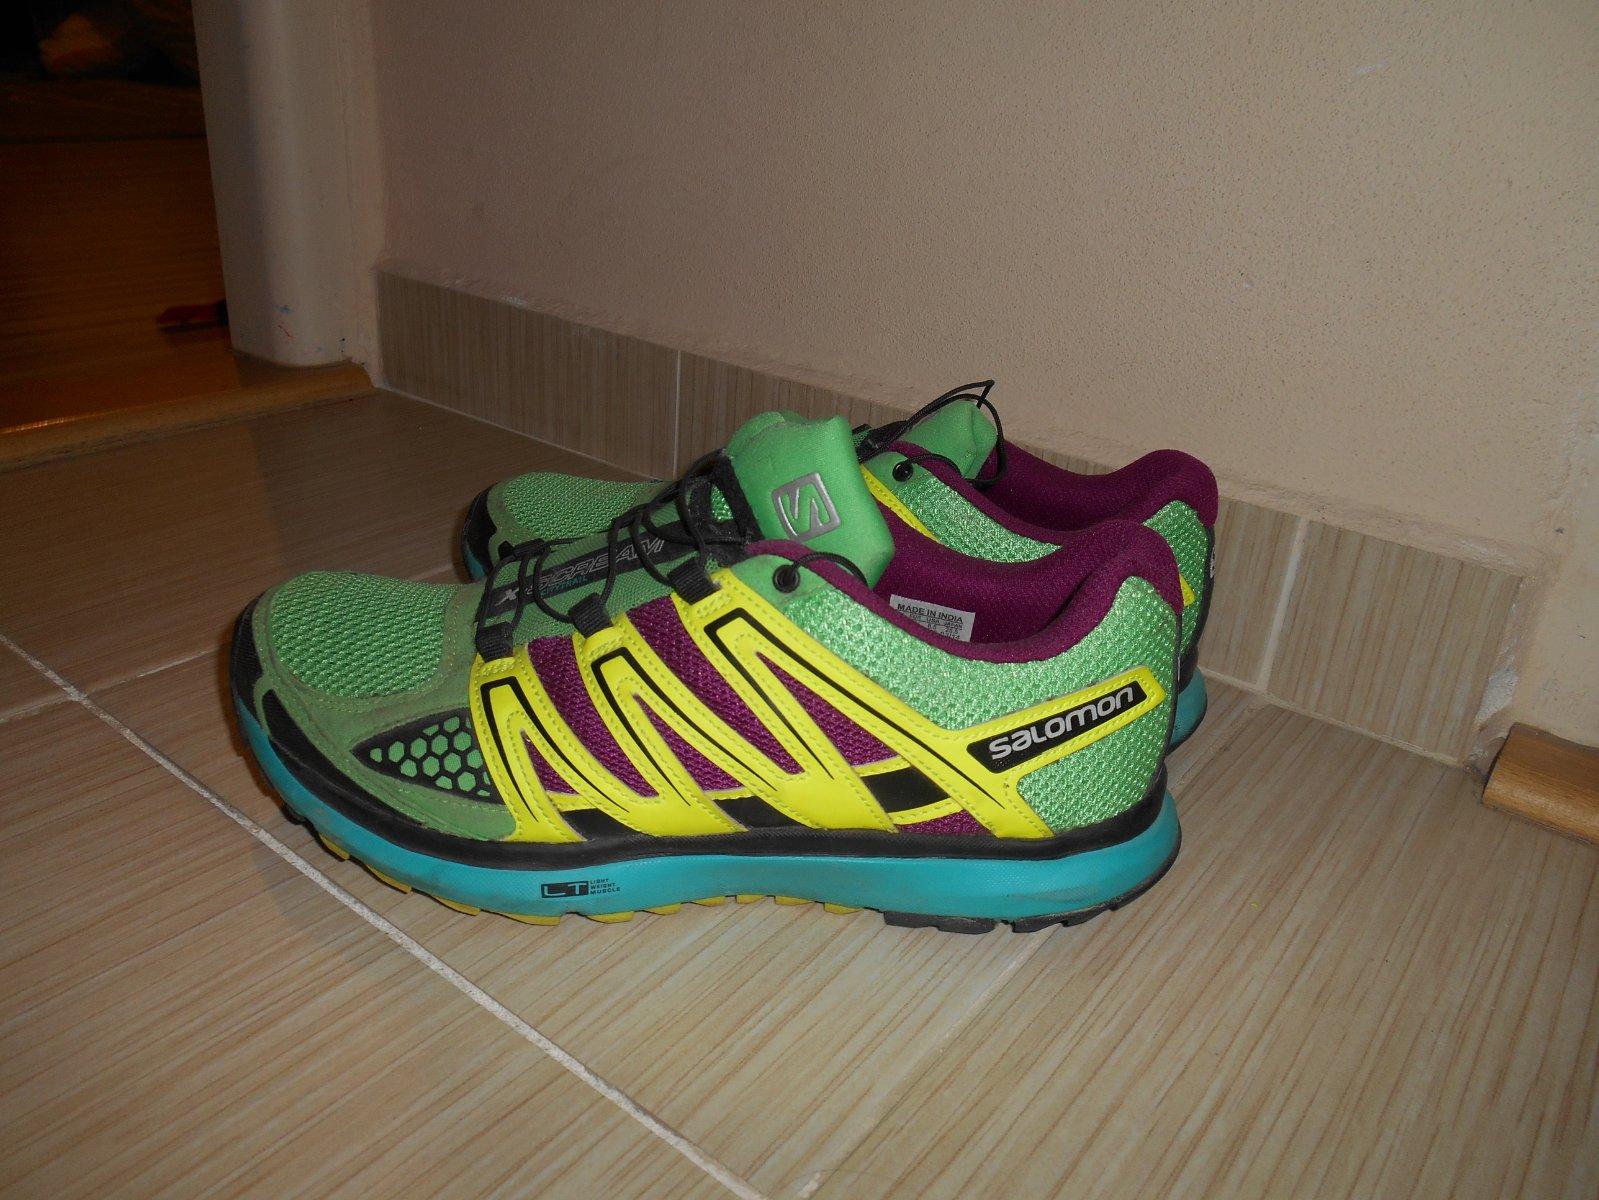 Dámske botasky veľkosť uk7 20353575981